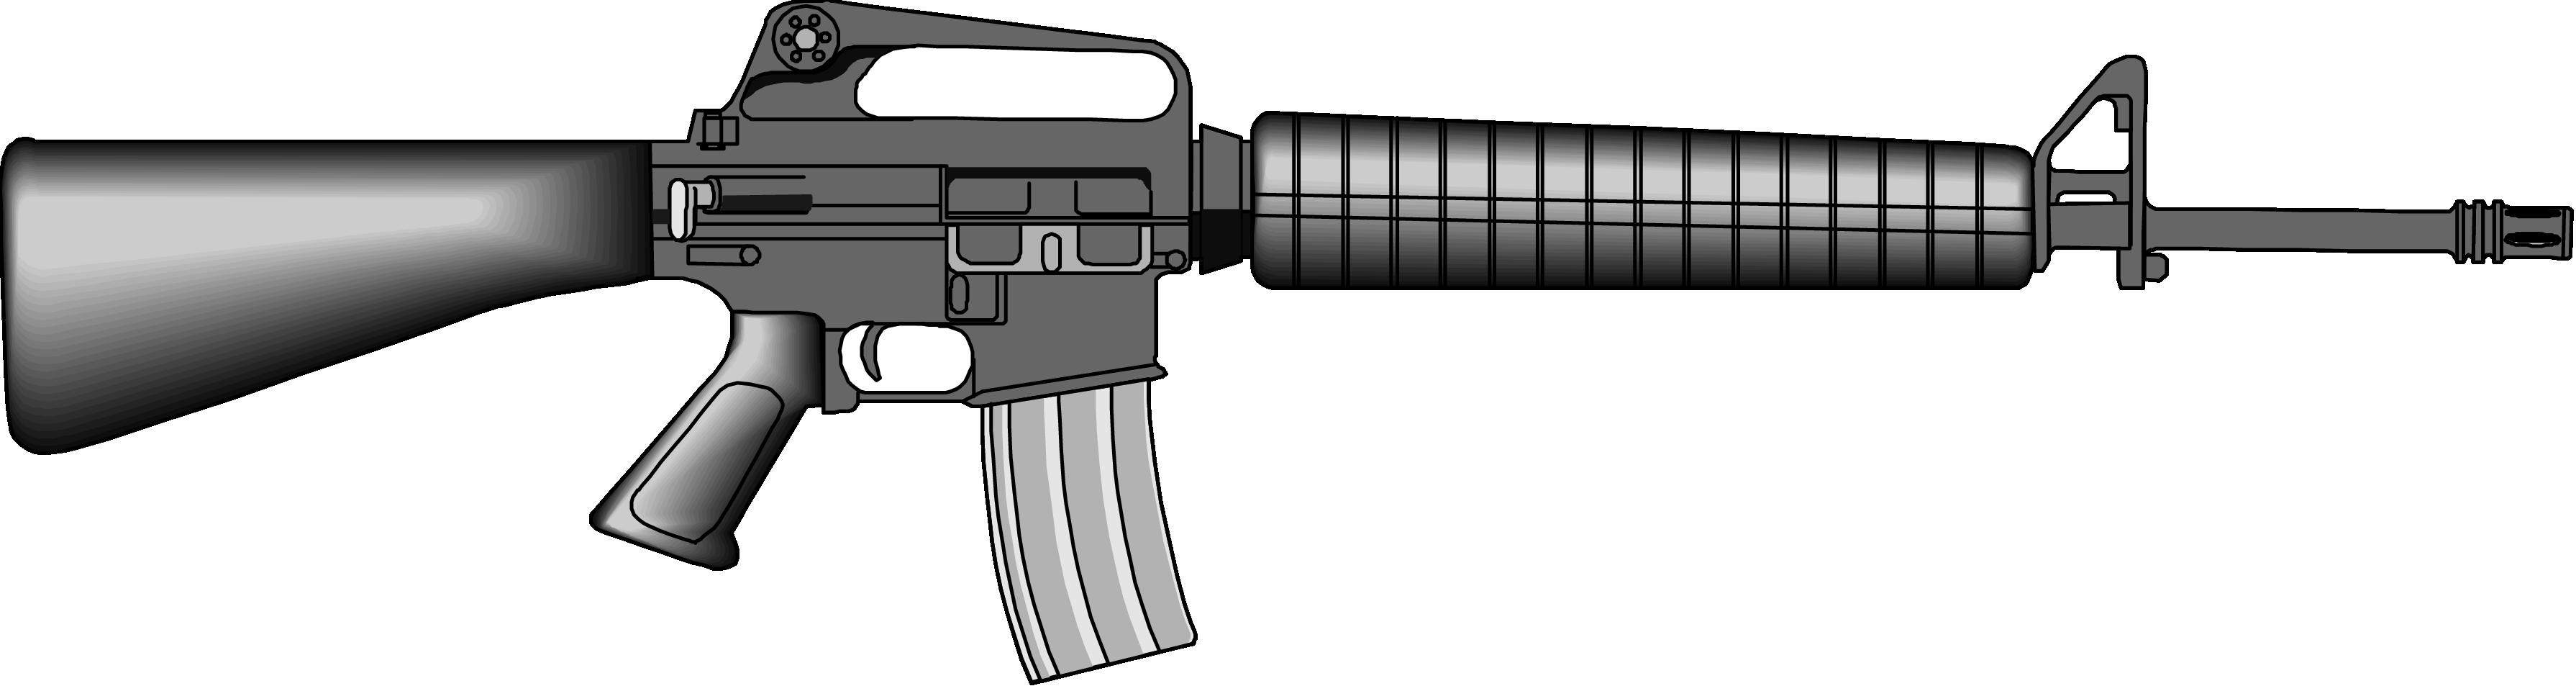 Clipart gun military gun. Weapon pencil and in